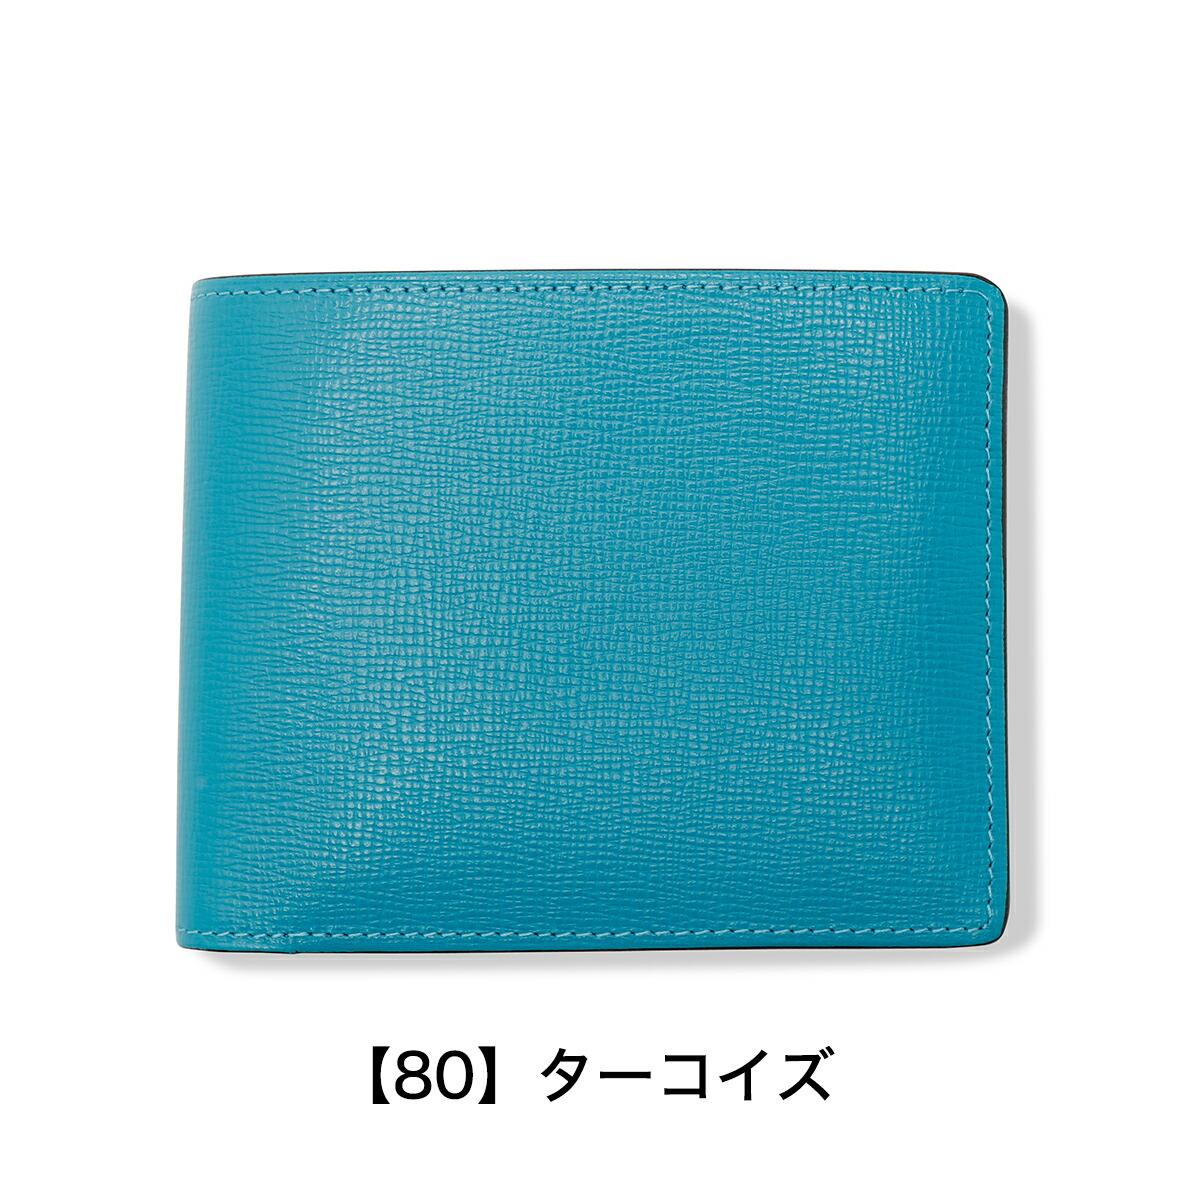 【80】ターコイズ